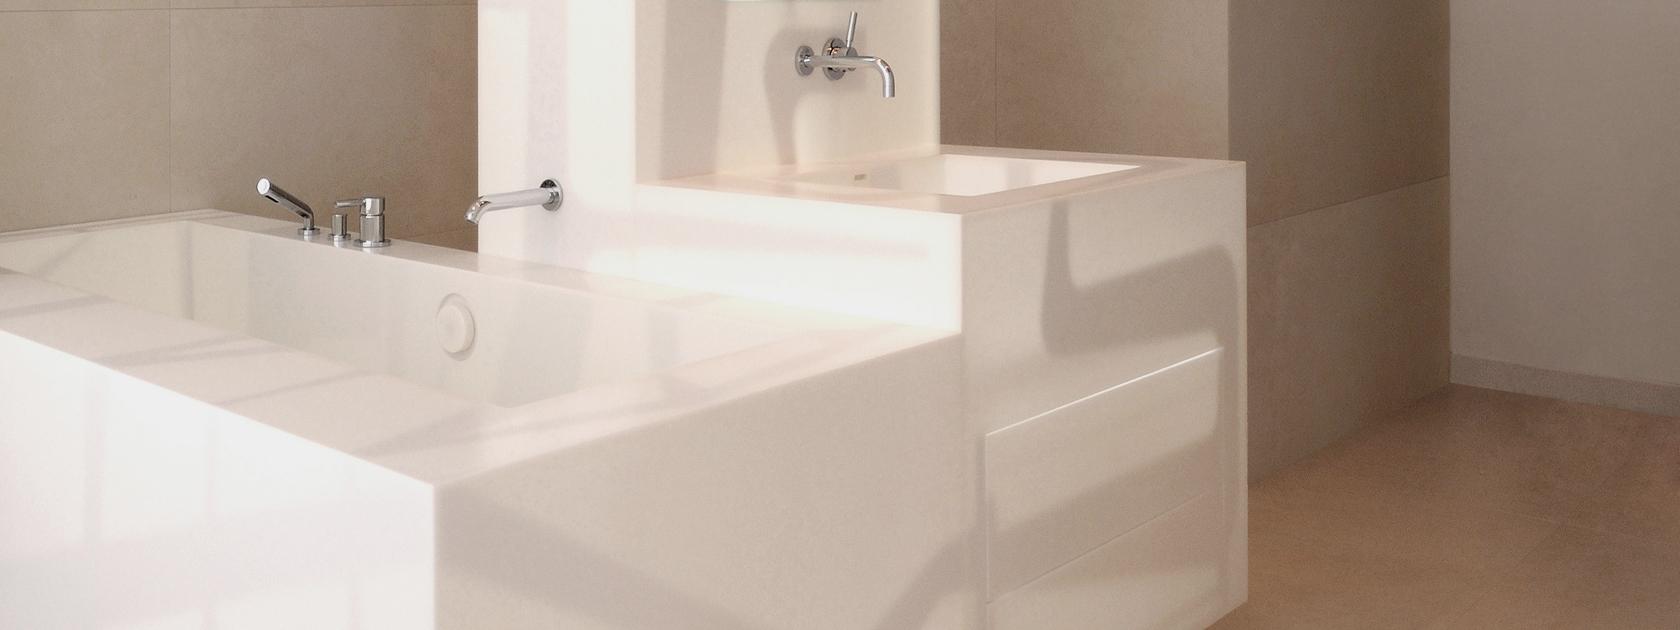 bad pfeiffer gmbh co kg. Black Bedroom Furniture Sets. Home Design Ideas